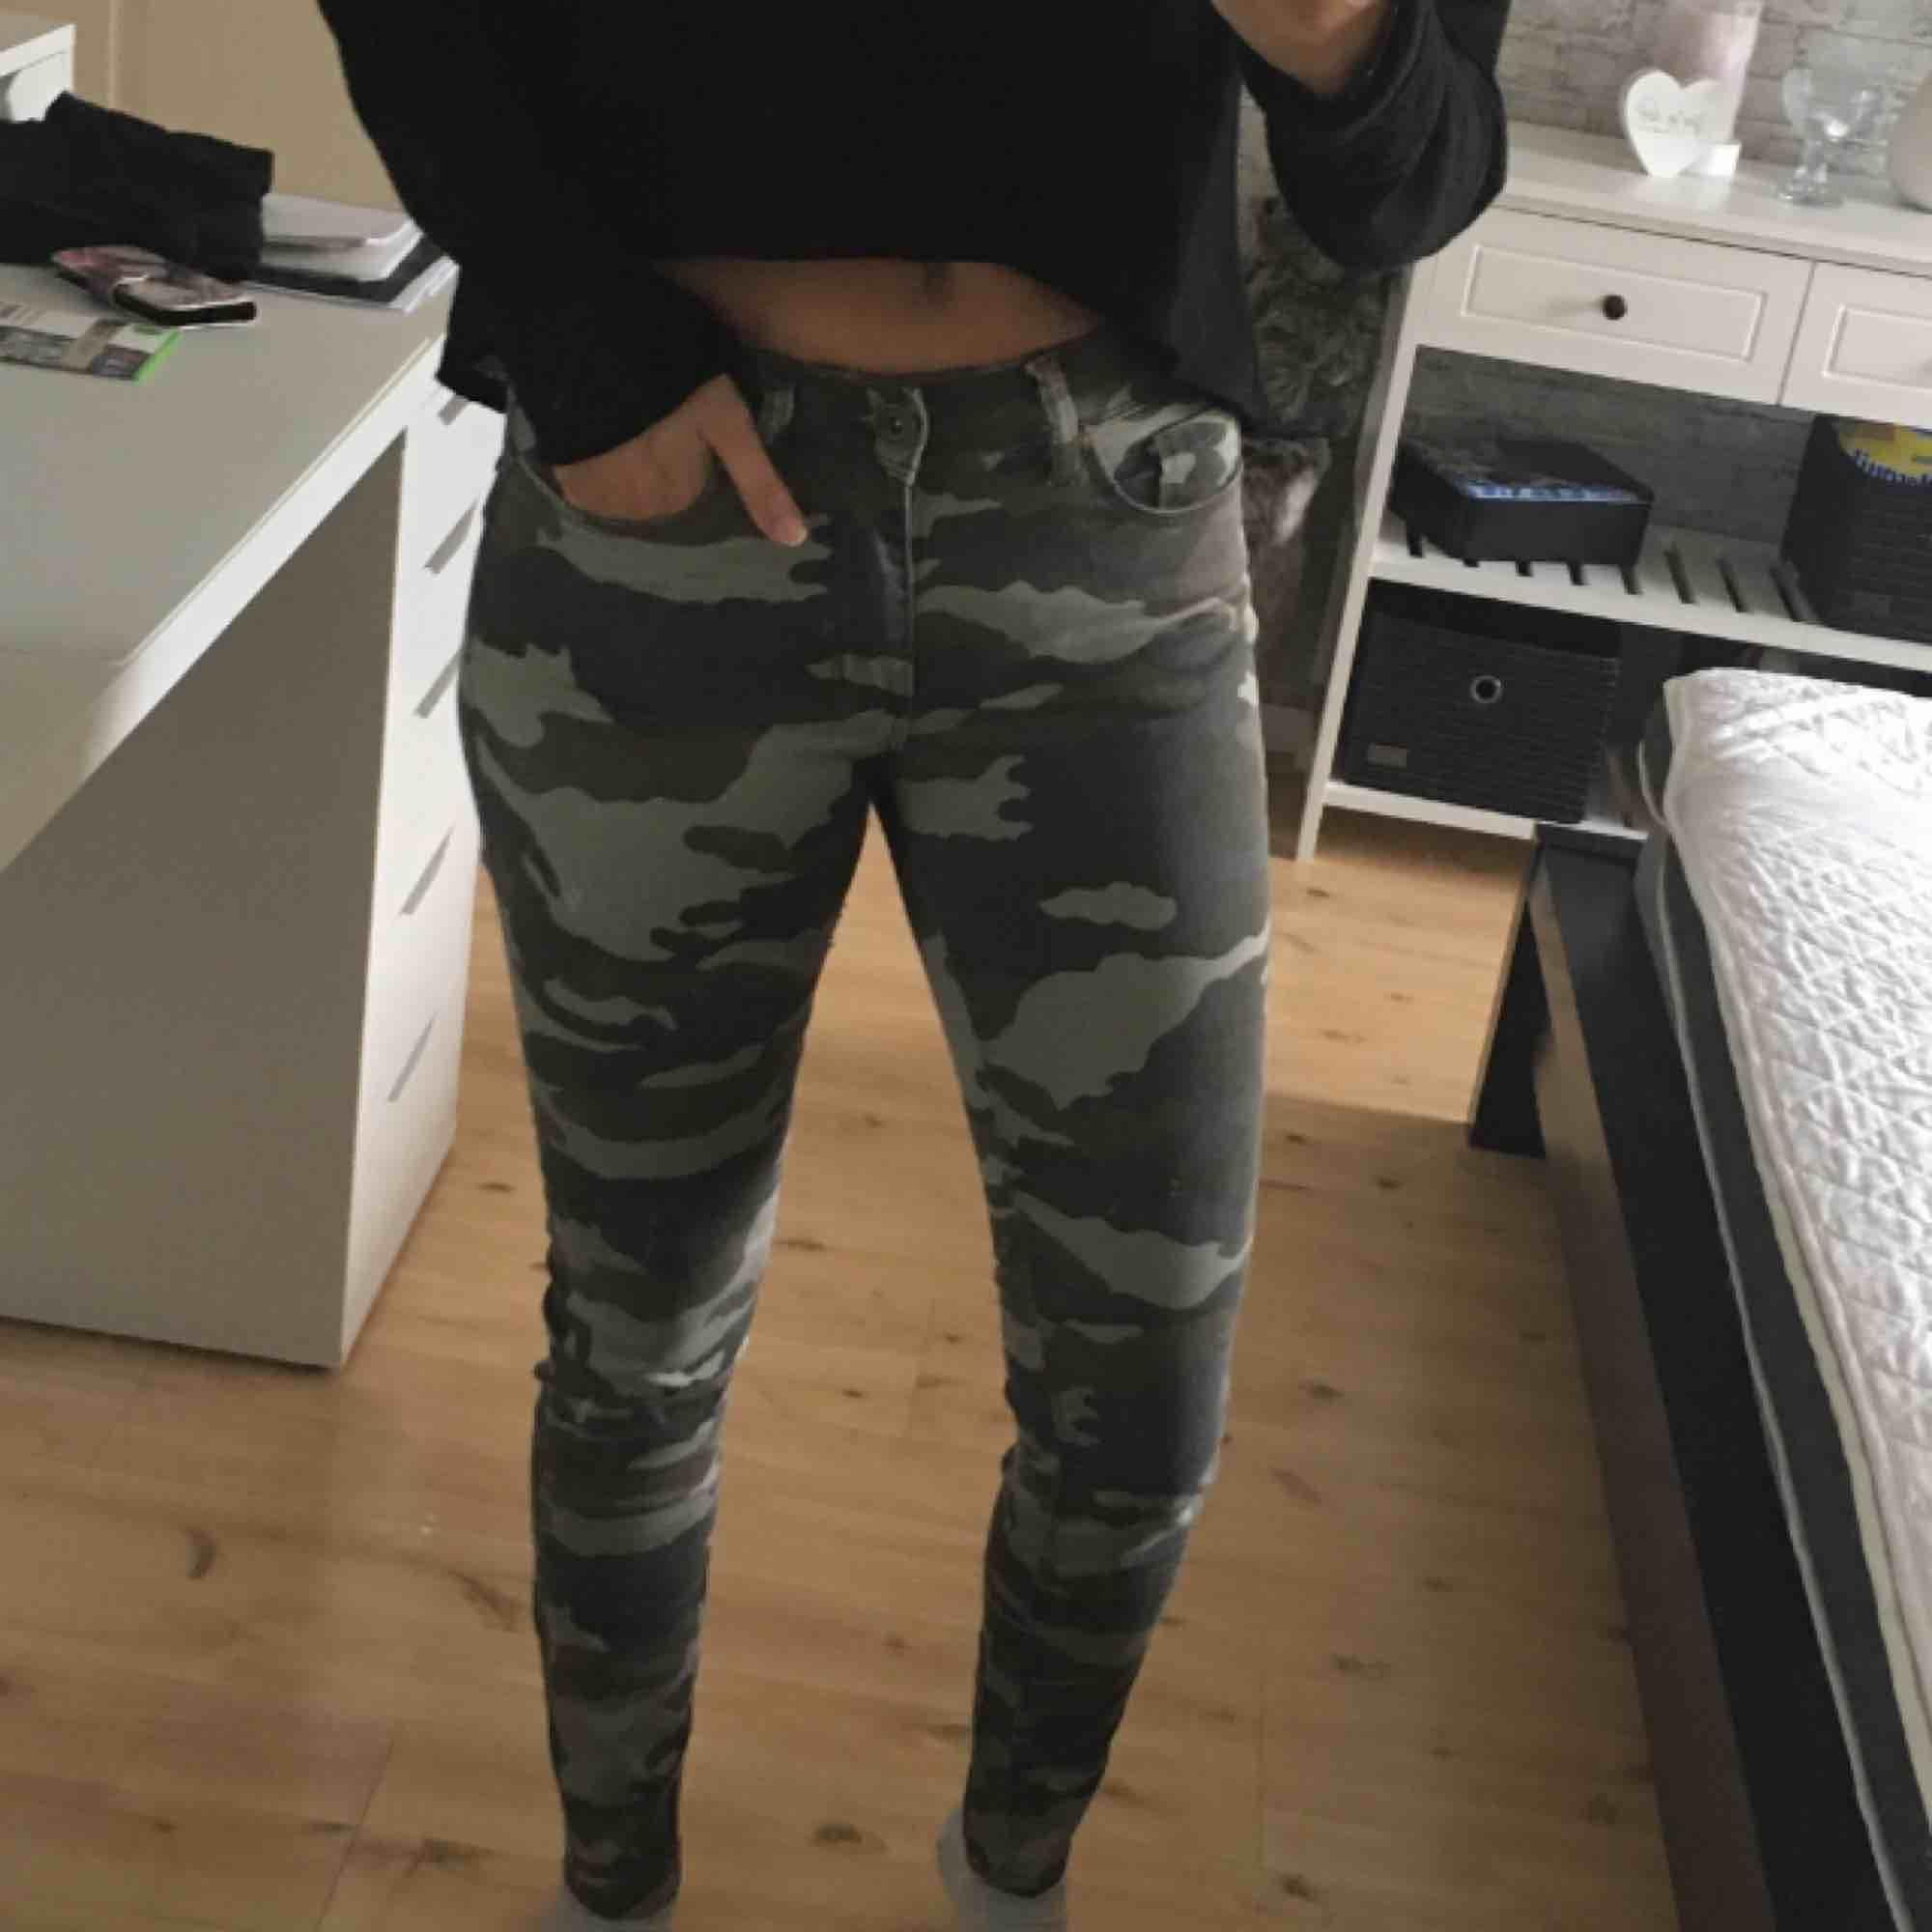 Tighta militärbyxor Aldrig använda, lappen sitter kvar Strl 34 Vid intresse och frågor är de bara att skriva. Priset kan diskuteras🥰. Jeans & Byxor.